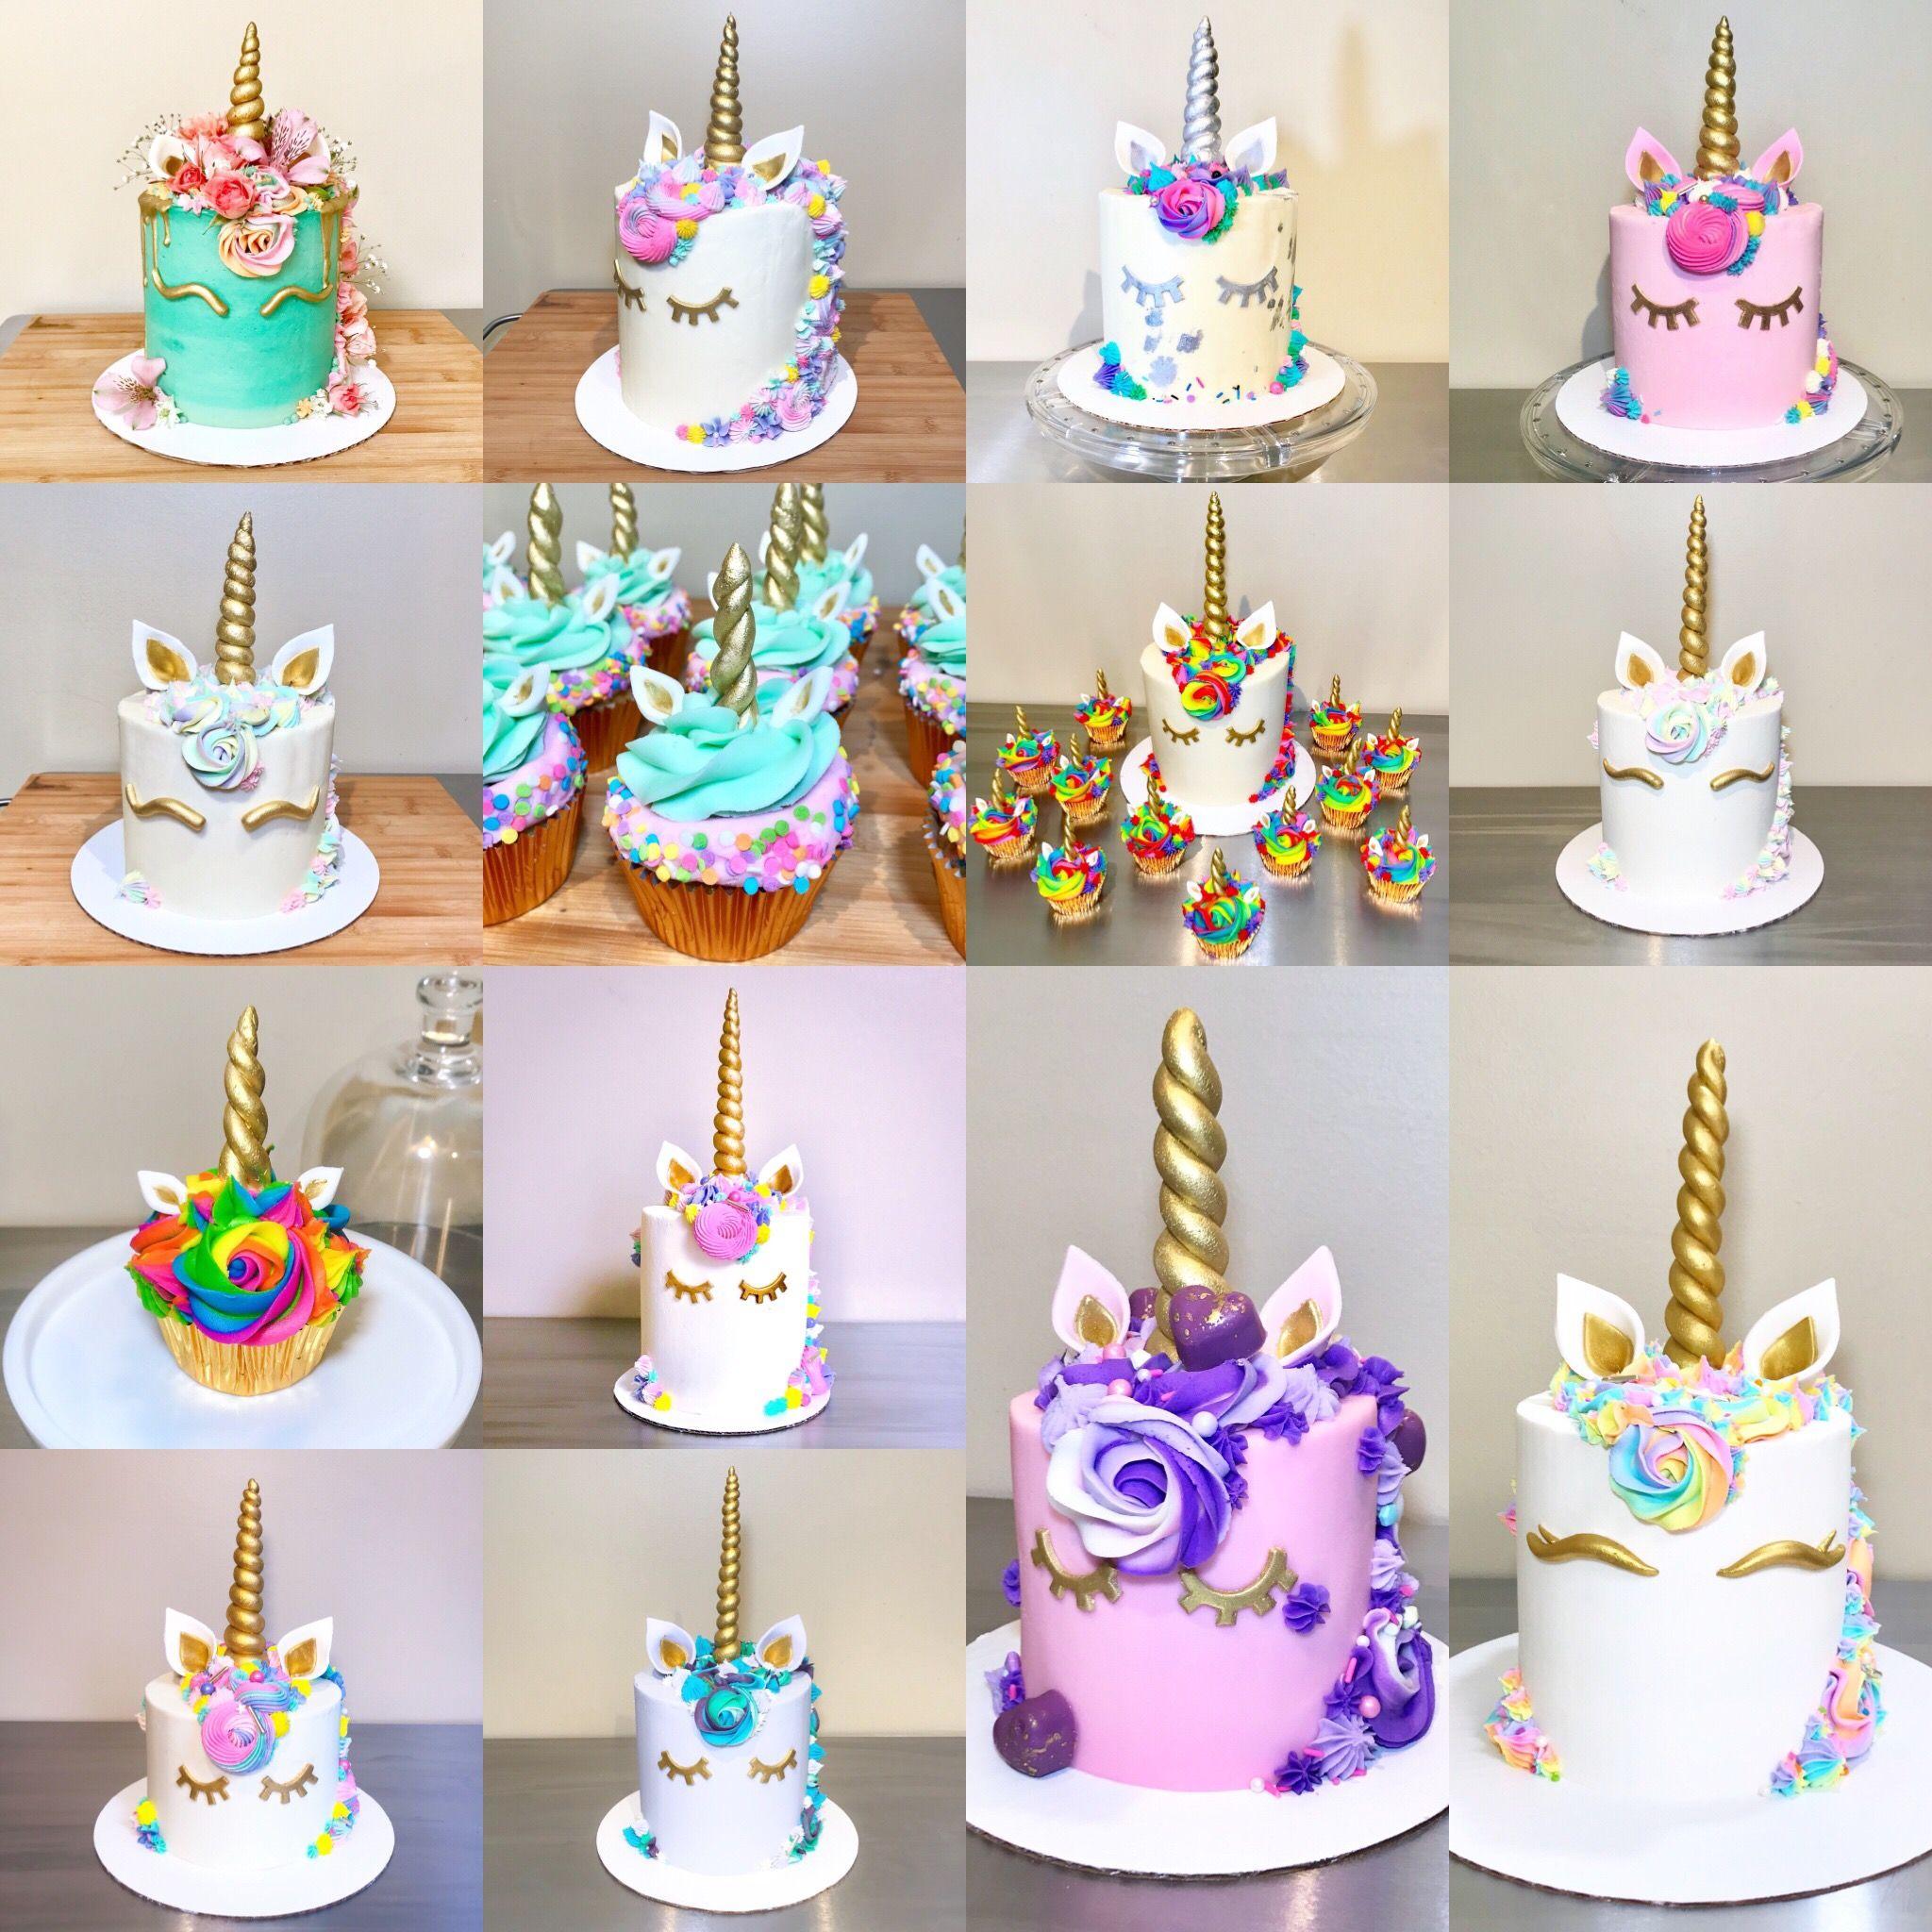 Rainbow Unicorn Cake With Images Unicorn Birthday Cake